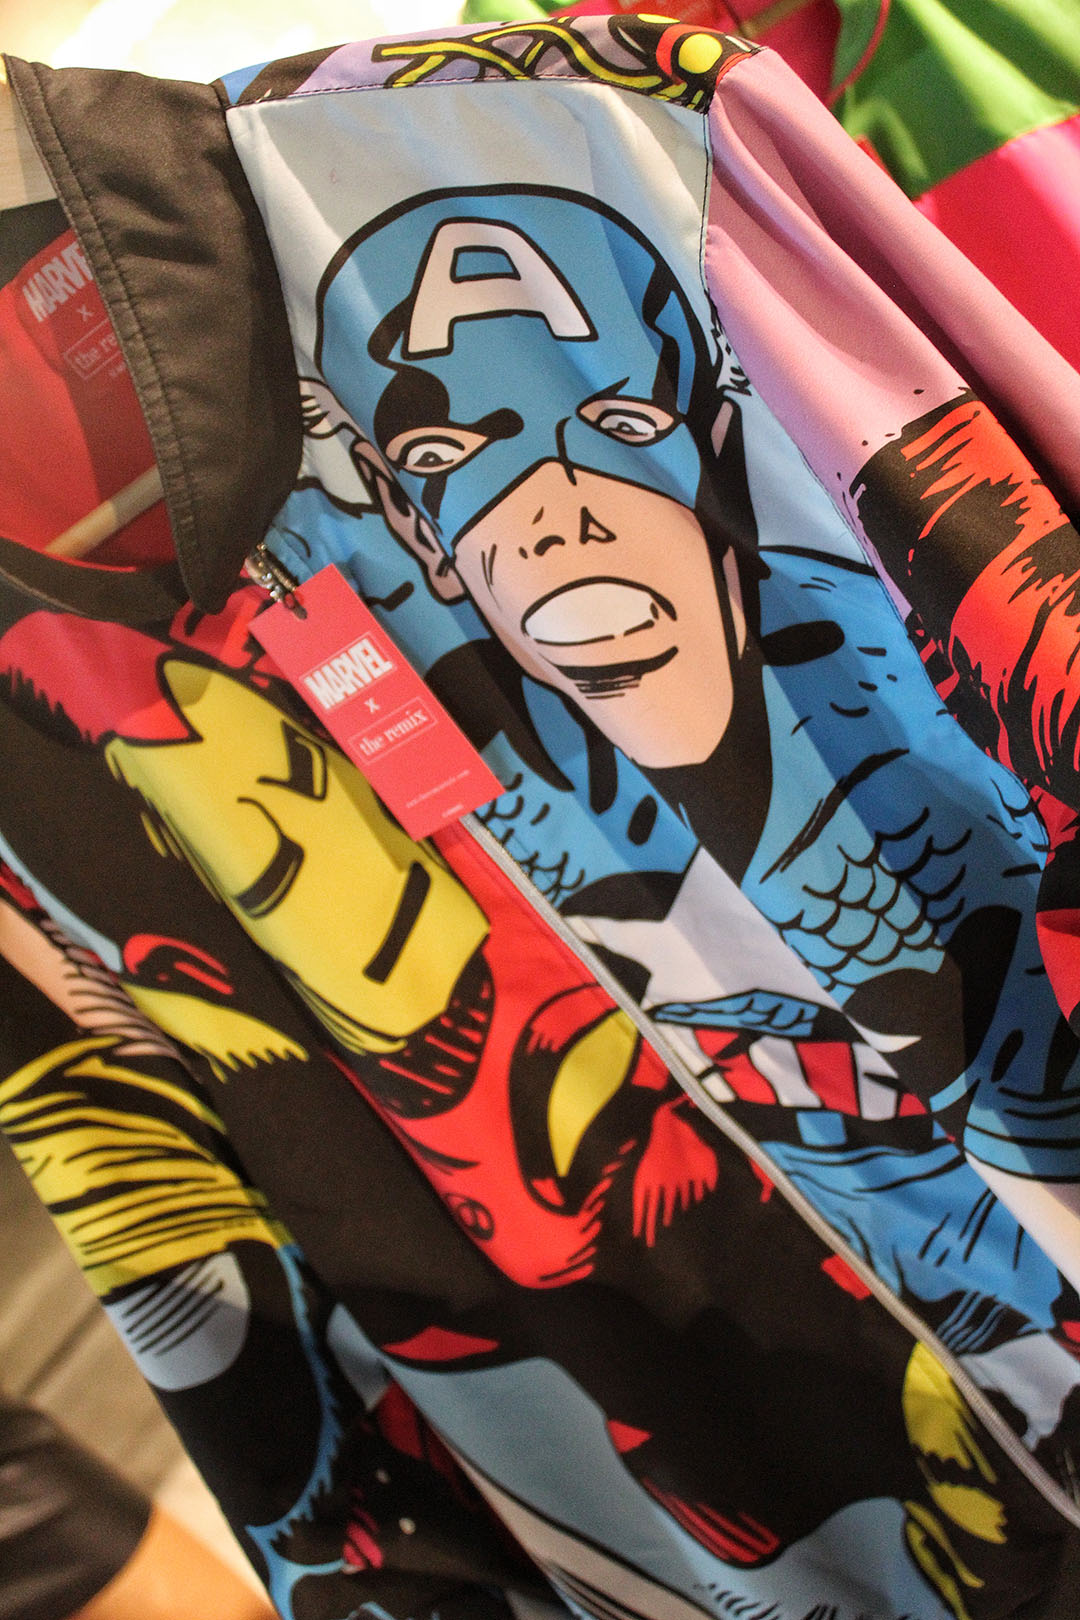 ¿Eres fanático de Marvel? Entonces la nueva y exclusiva colección de la marca chilena The Remix es para ti